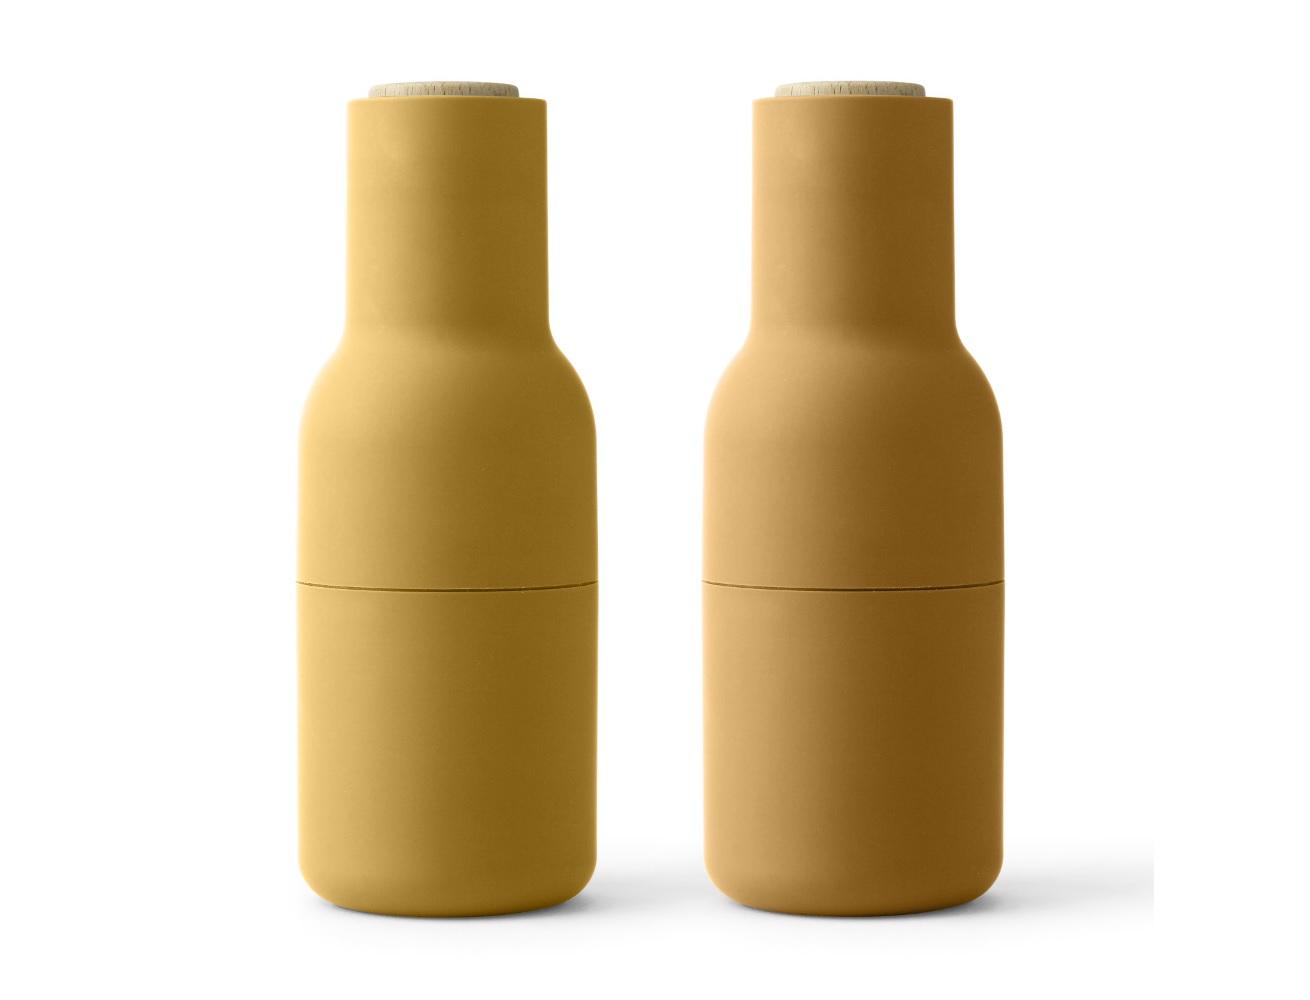 Мельницы для соли и перца BottleАксессуары для кухни<br>Набор мельниц для специй от дизайнеров датского бренда Menu - это больше, чем просто солонка и перечница. Это всегда свежие и ароматные специи идеального помола. Внутри - надежная керамическая мельница. Специи попадают в тарелку только во время помола, и никак иначе, так что столешницу не придется убирать и чистить. Плюс к этому, они очень приятны на ощупь и удобно ложатся прямо в руку.<br><br>Material: Пластик<br>Height см: 20,3<br>Diameter см: 7,6